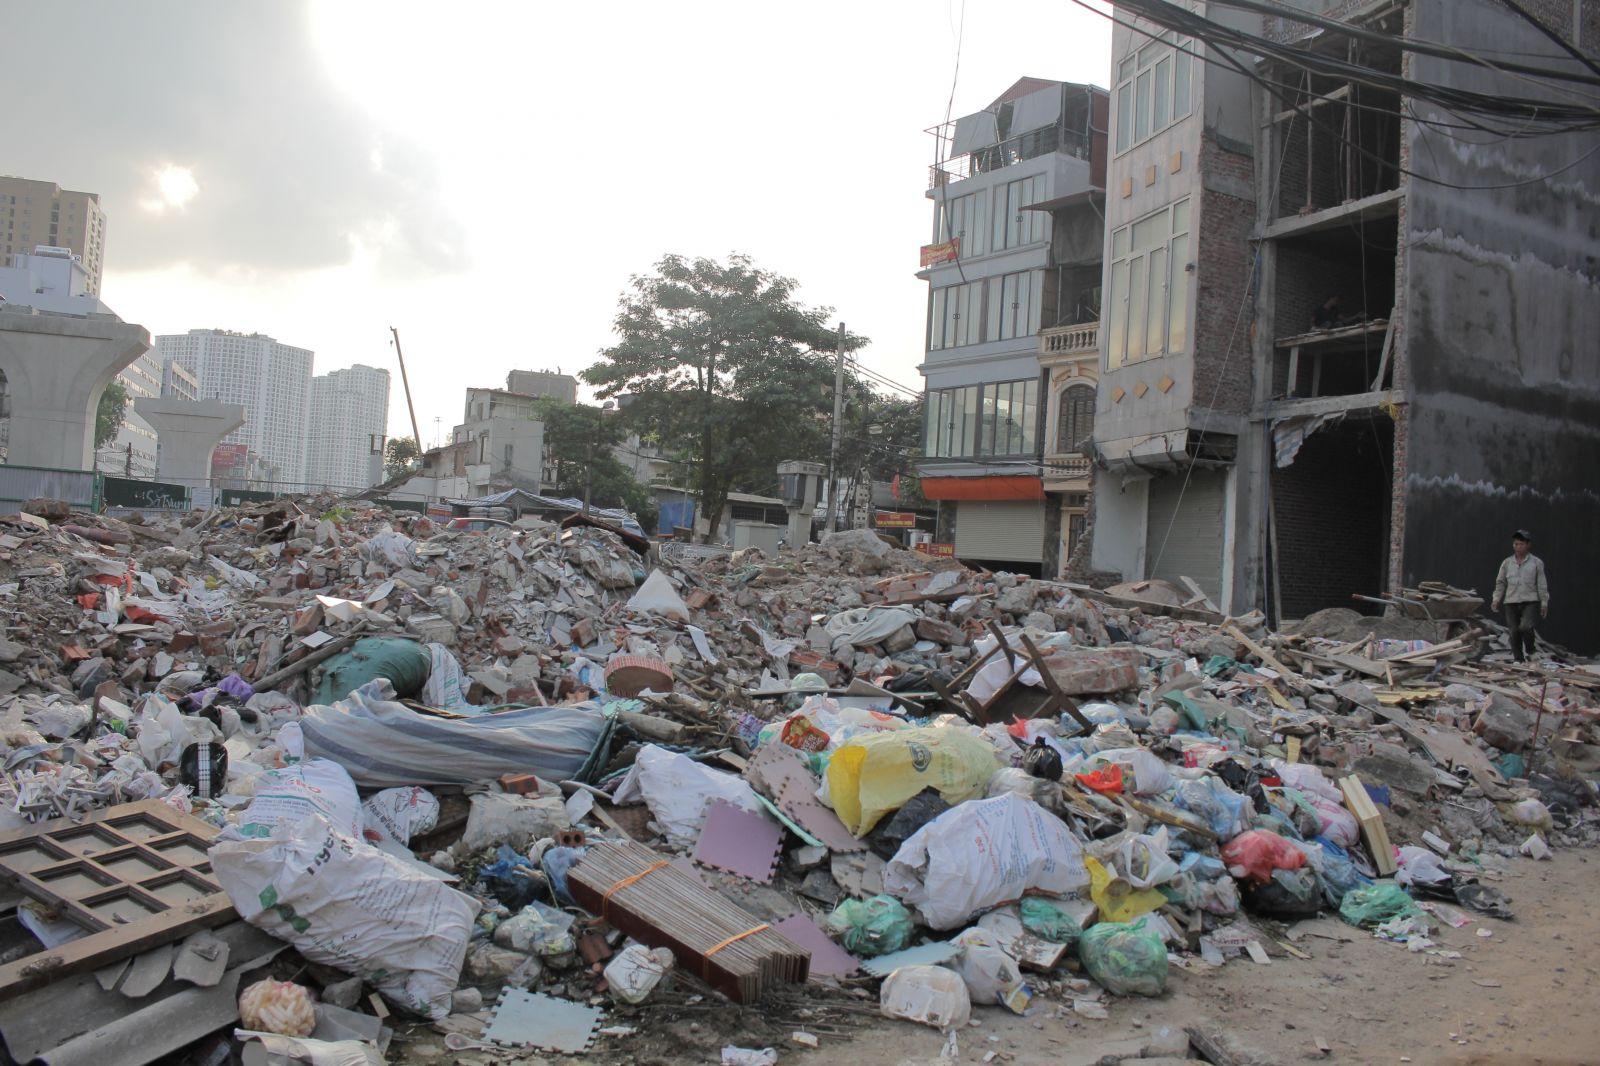 Đô thị vẫn lem nhem bởi rác thải xây dựng